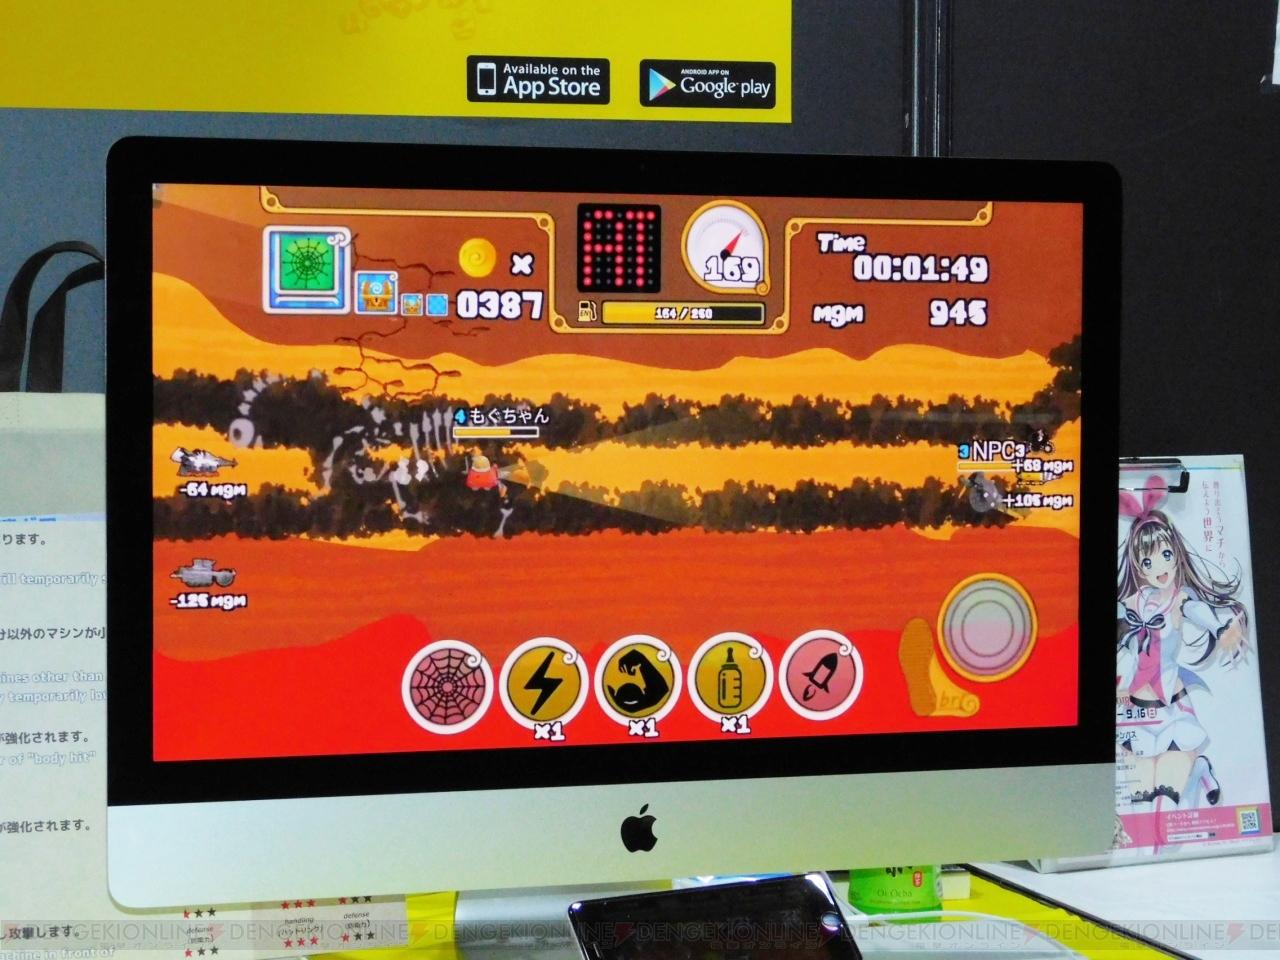 新作スマホレースゲーム『モグモグガンガン』はSwitch版の展開も予定。ゲーム性は見た目以上にガチ【TGS2018】